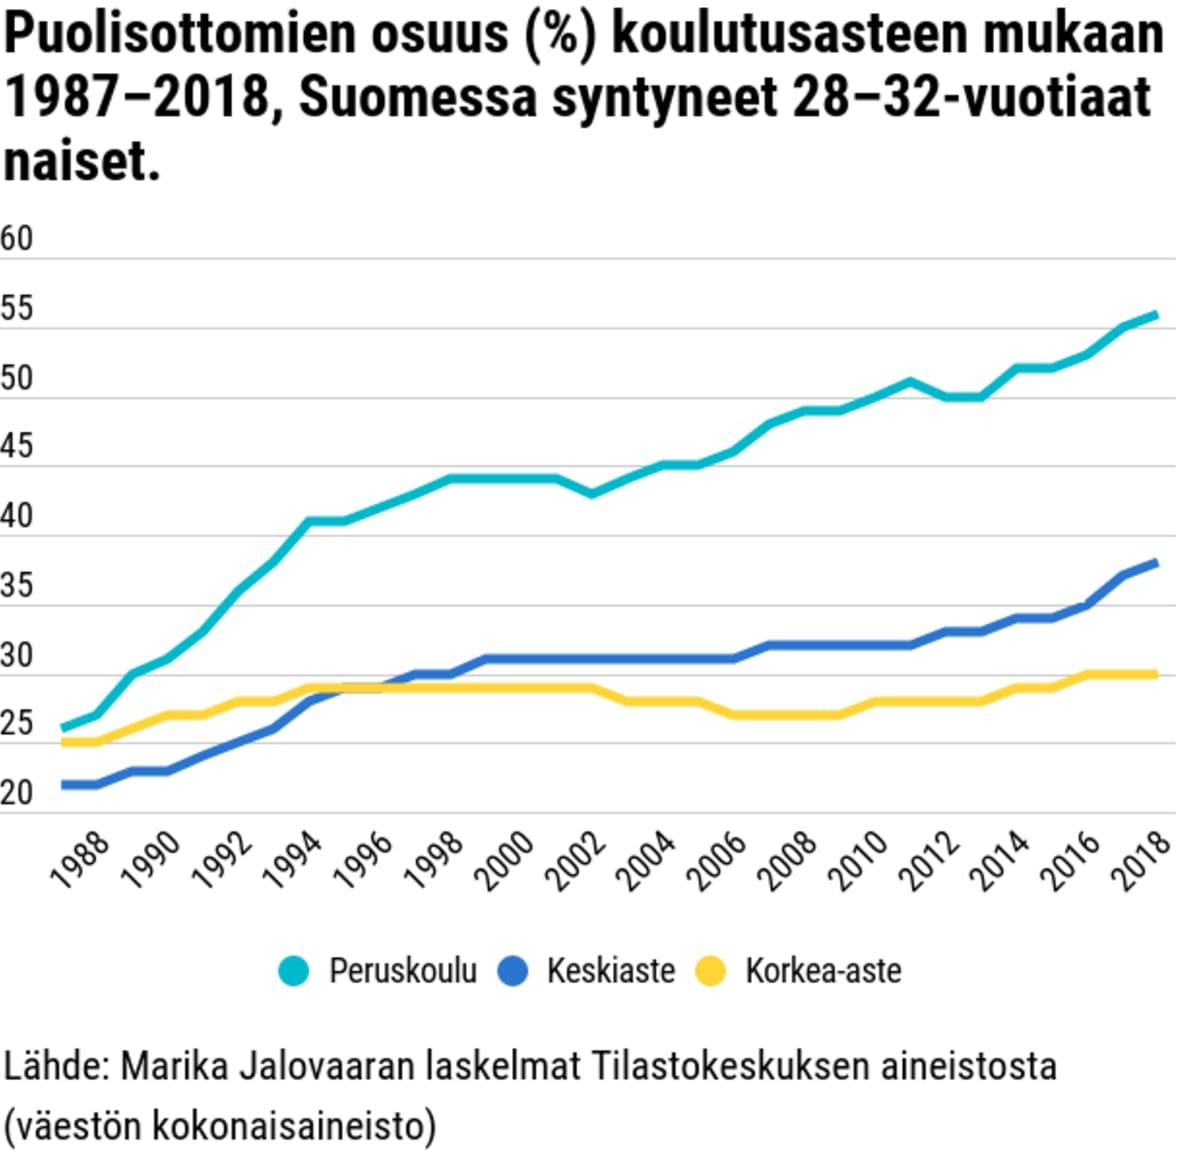 Puolisottomien osuus (%) koulutusasteen mukaan 1987–2018, Suomessa syntyneet 28–32-vuotiaat naiset.